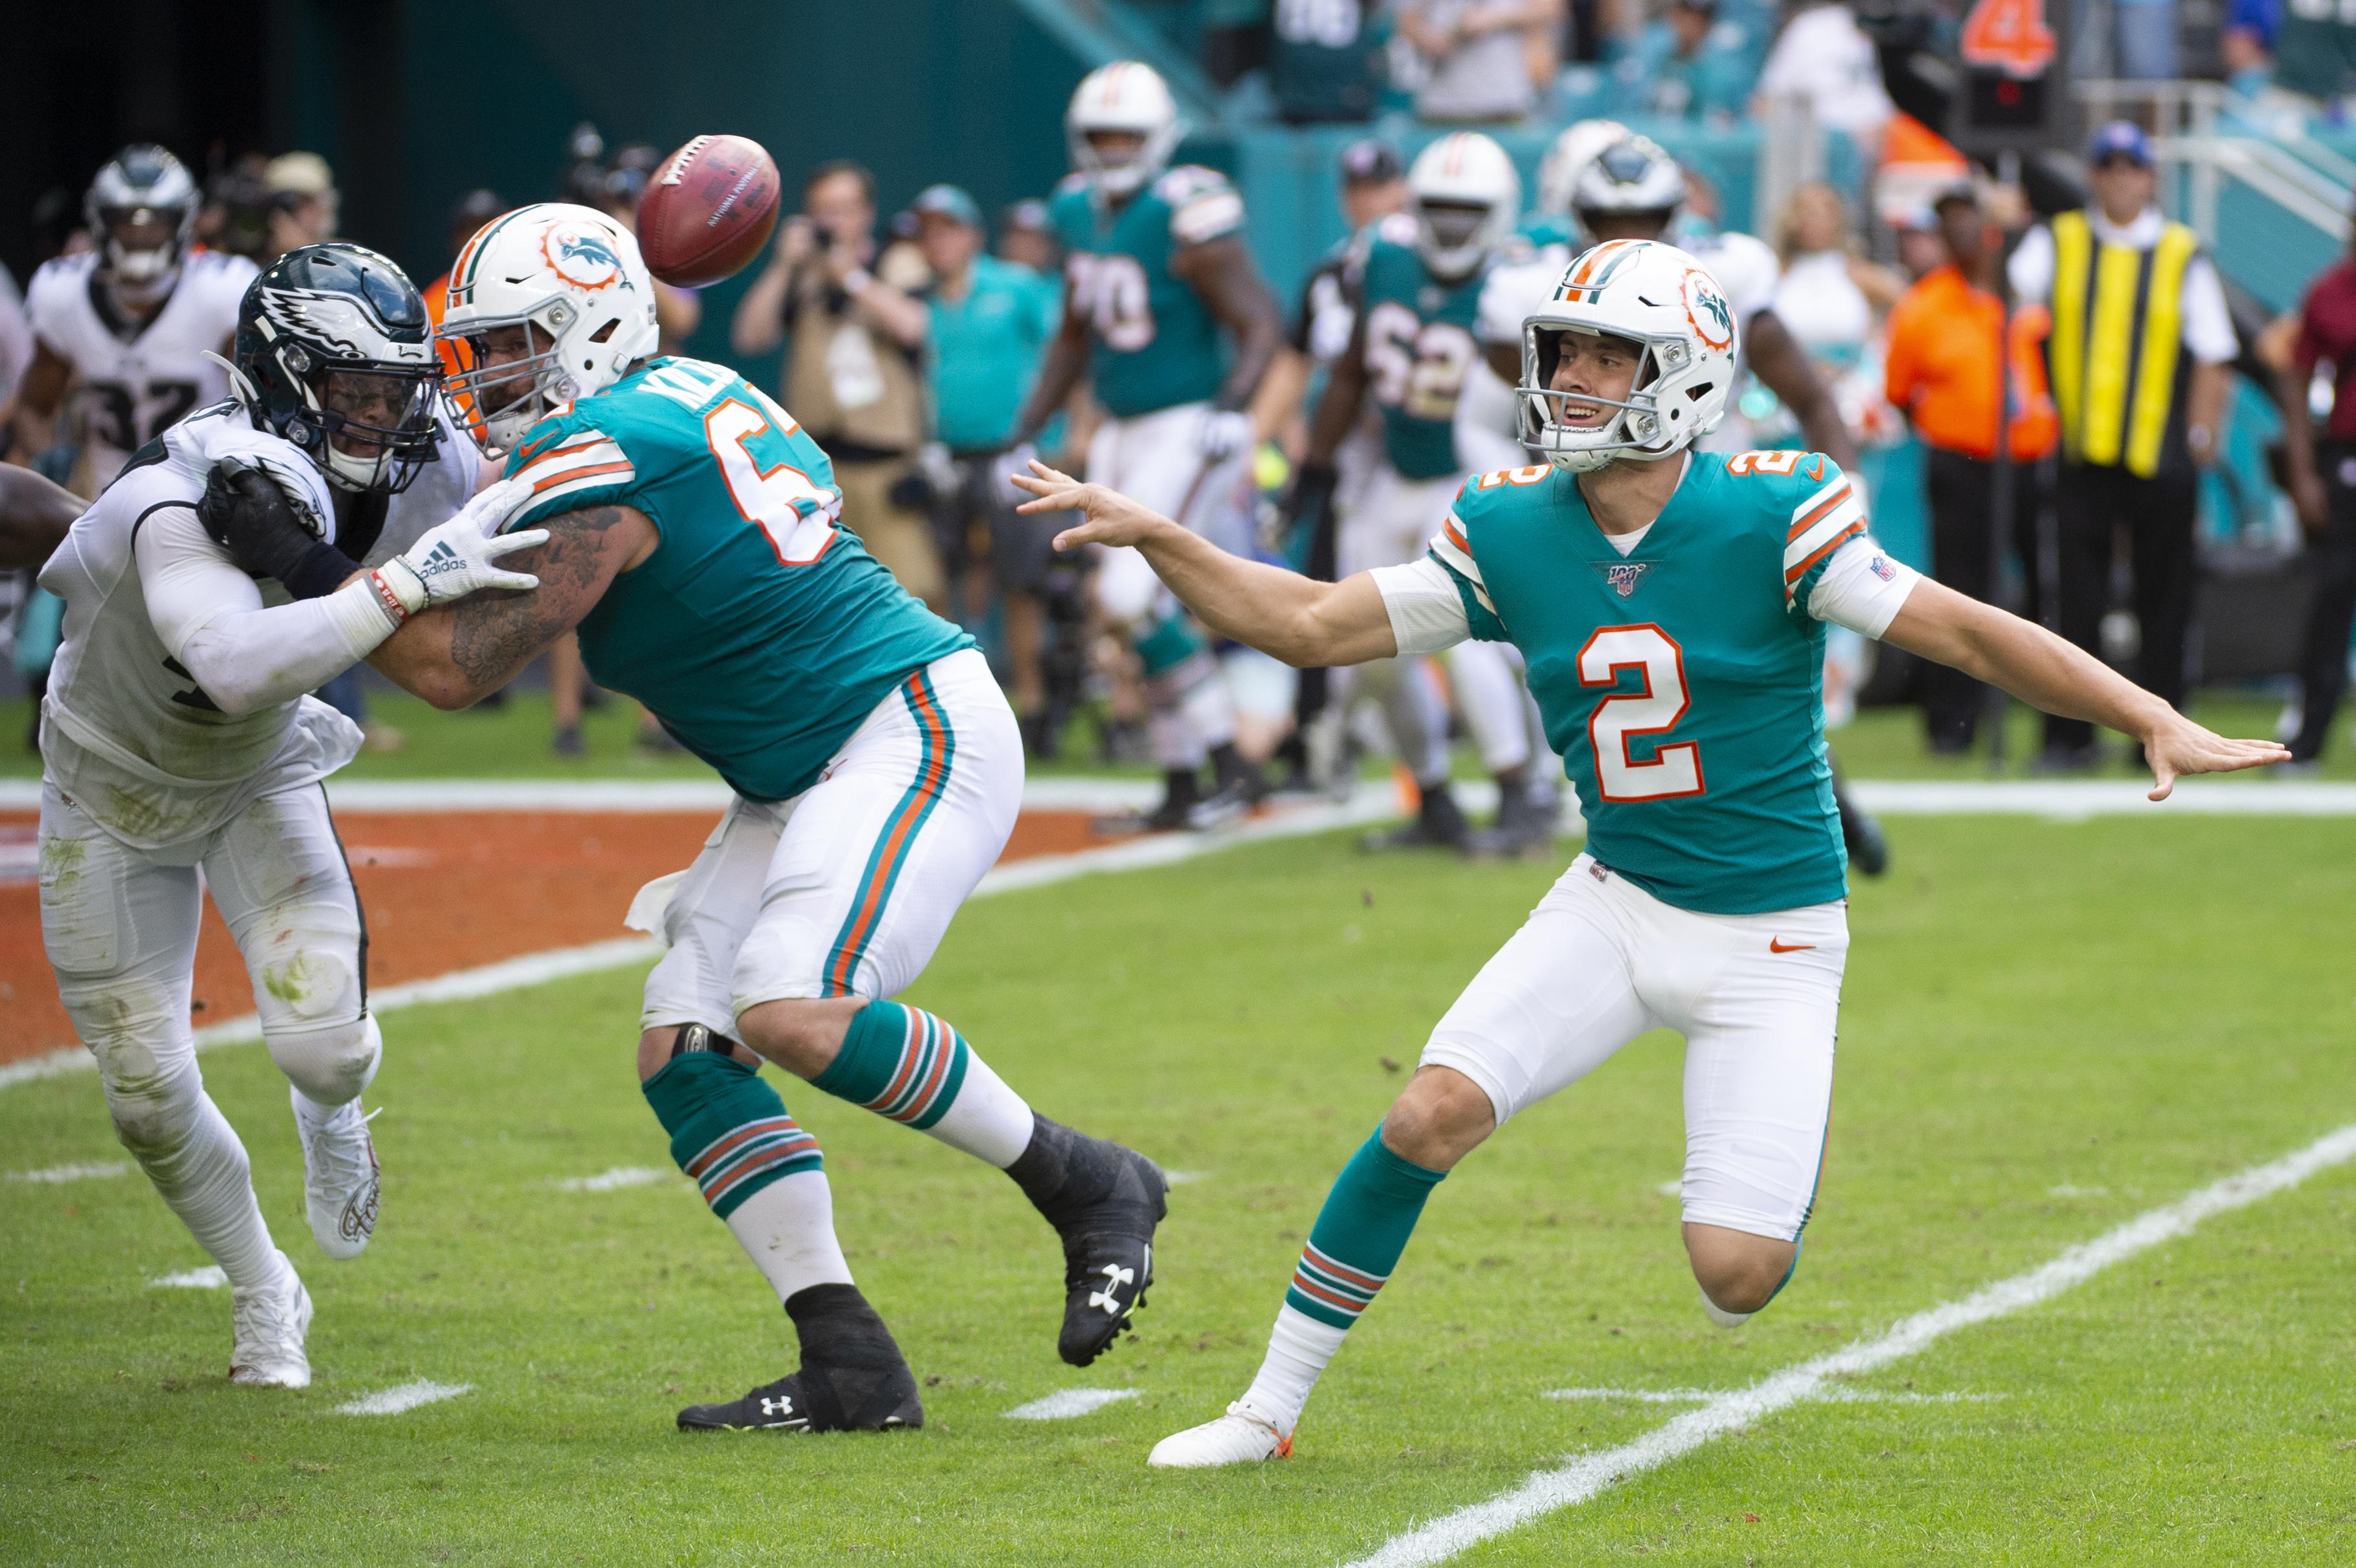 NFL: DEC 01 Eagles at Dolphins